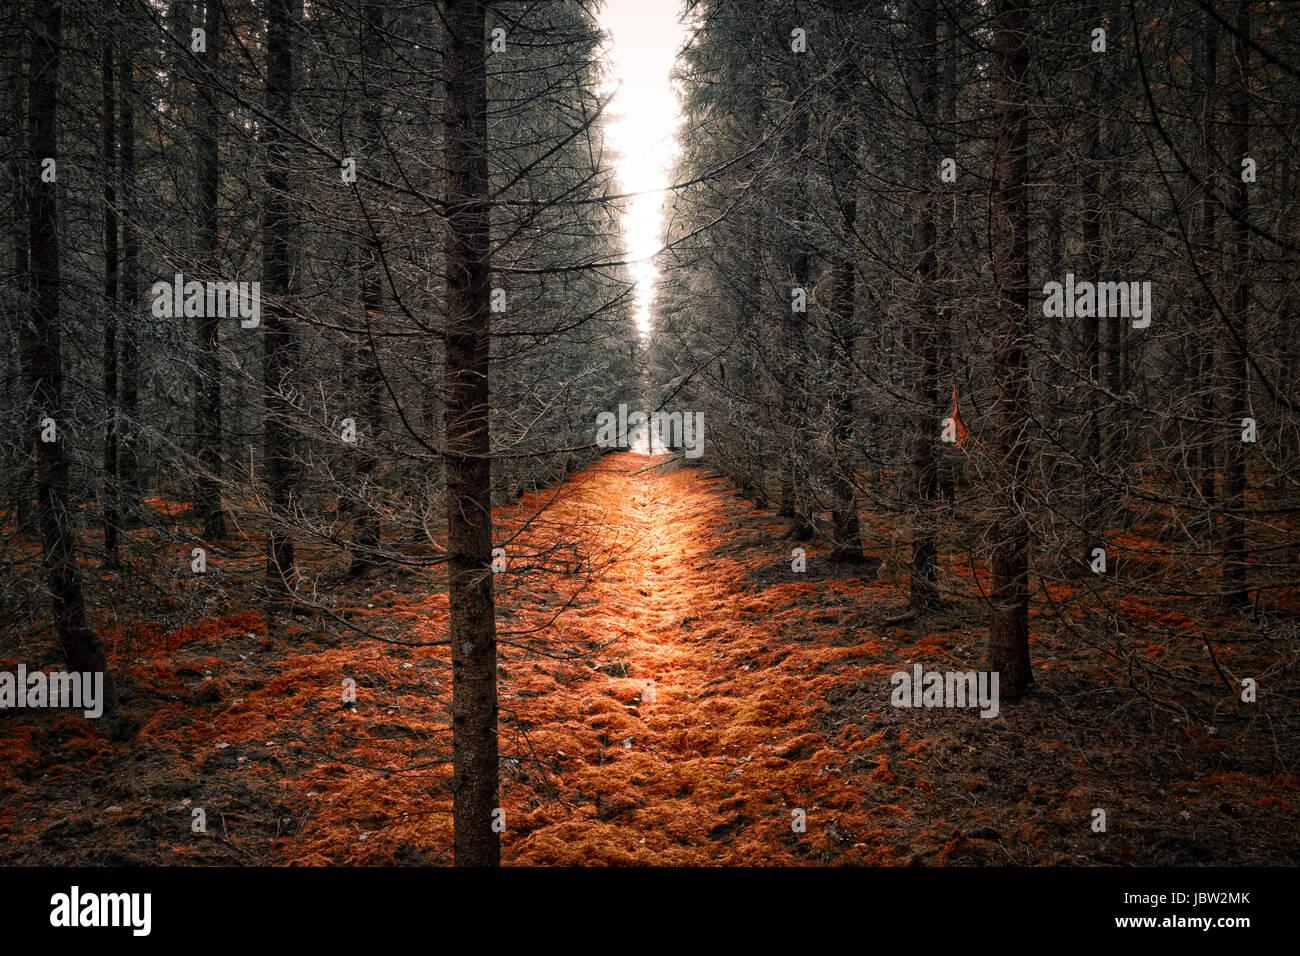 Pintoresco paisaje con bosque seco y luz brillante Imagen De Stock